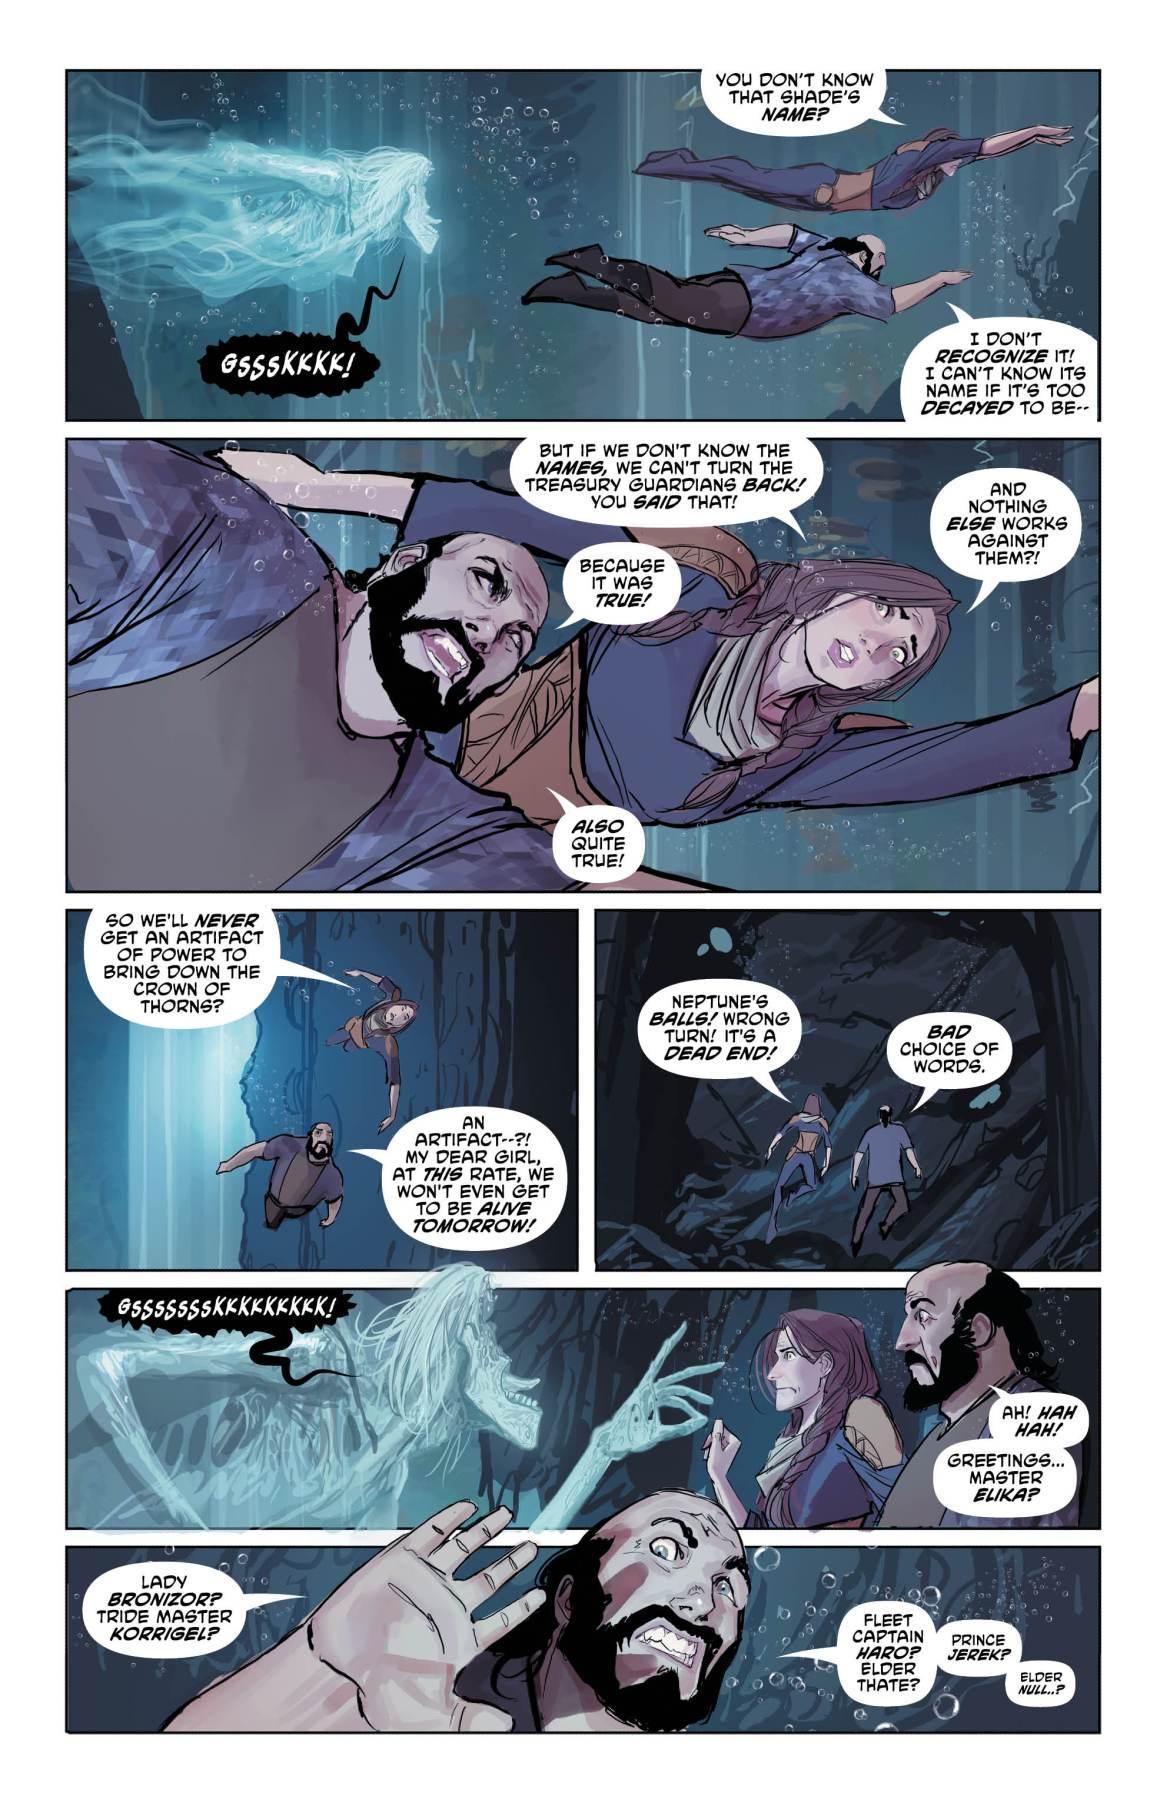 Aquaman 29.3 - DC Comics News